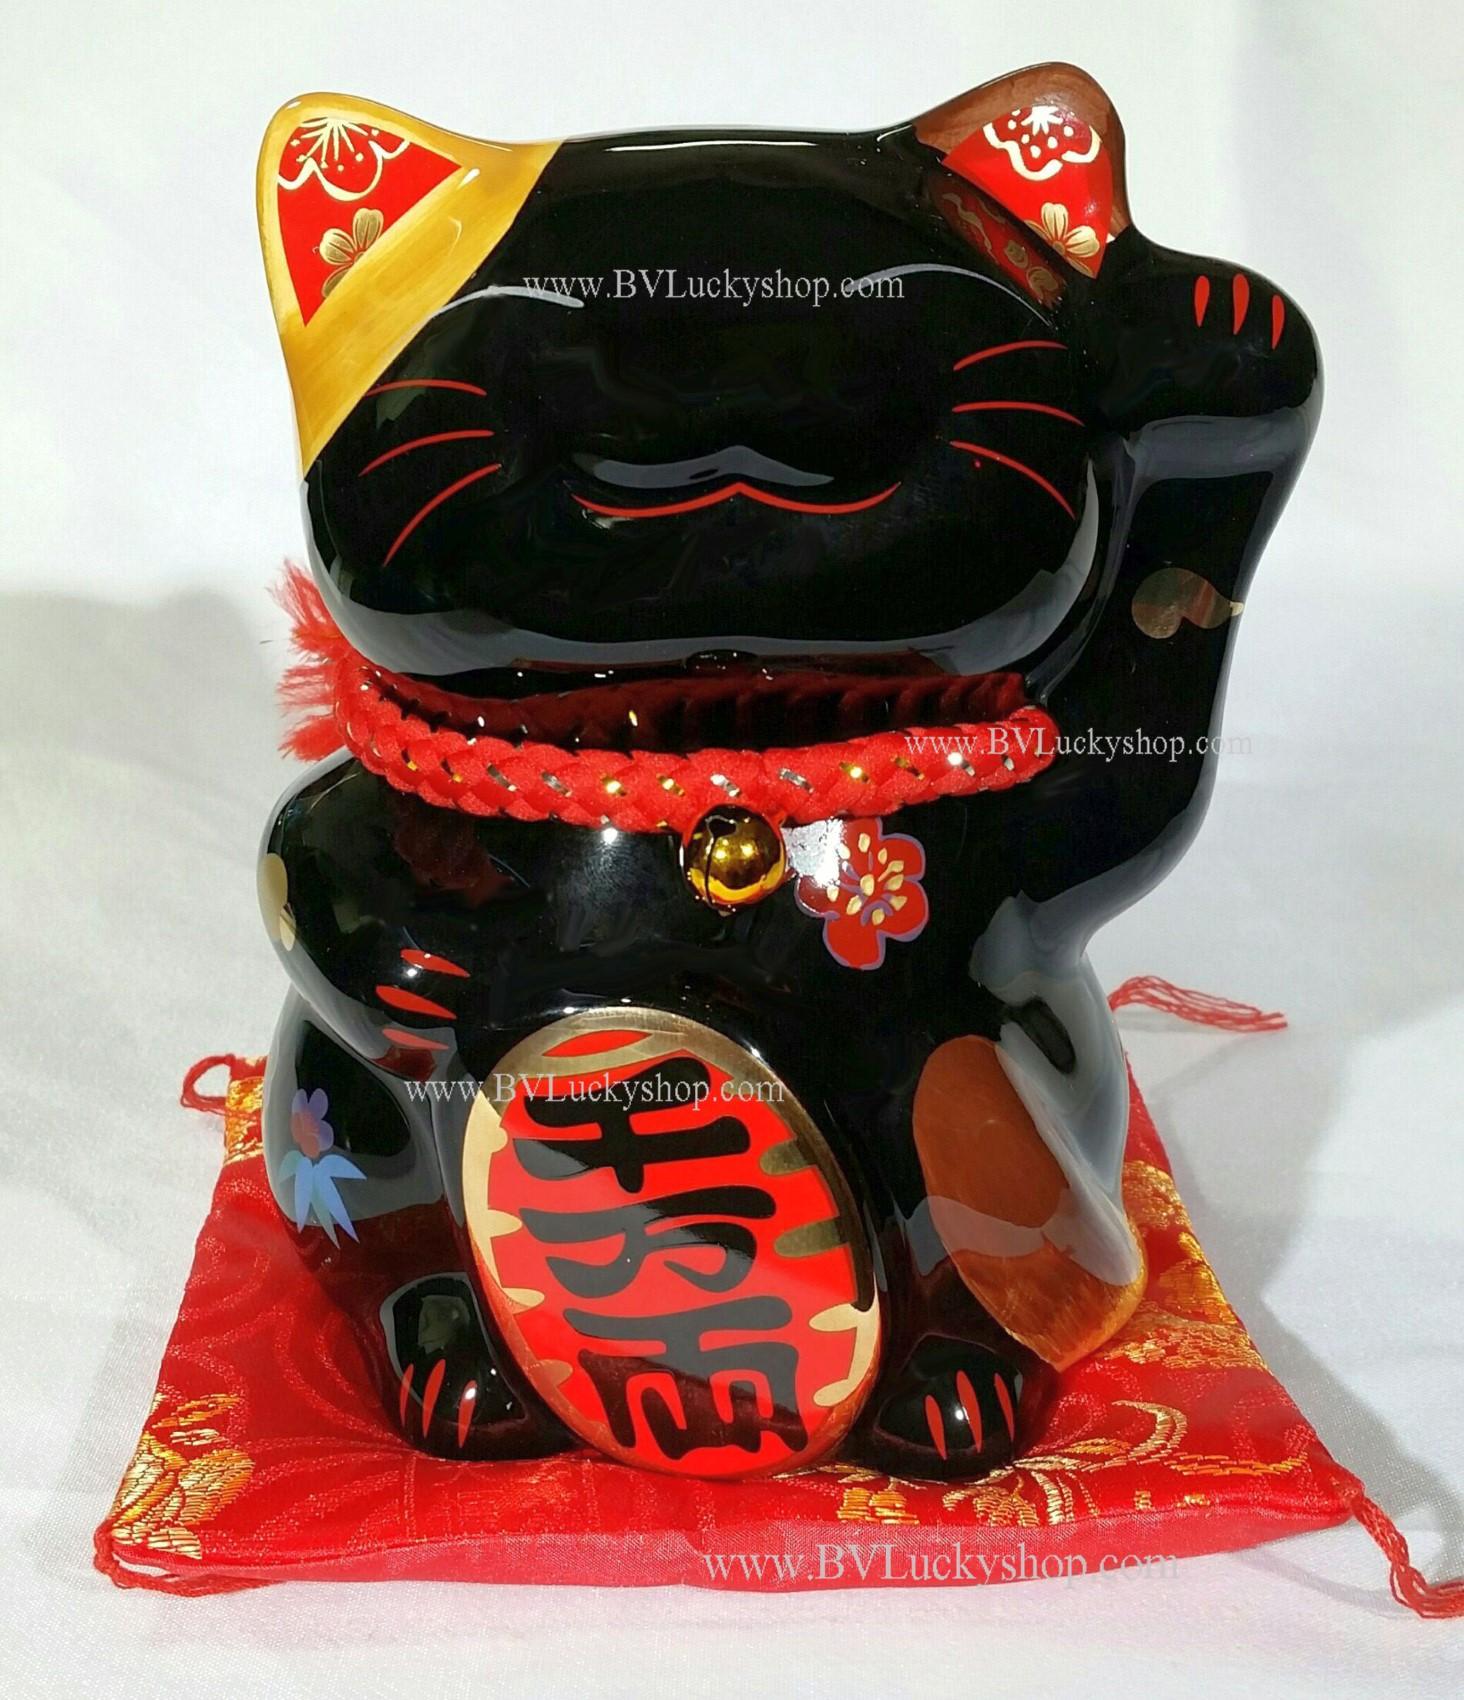 แมวกวัก แมวนำโชค สูง 6 นิ้ว ถือเหรียญทอง (หนัก10ล้านชั่ง) - สีดำ [35586]